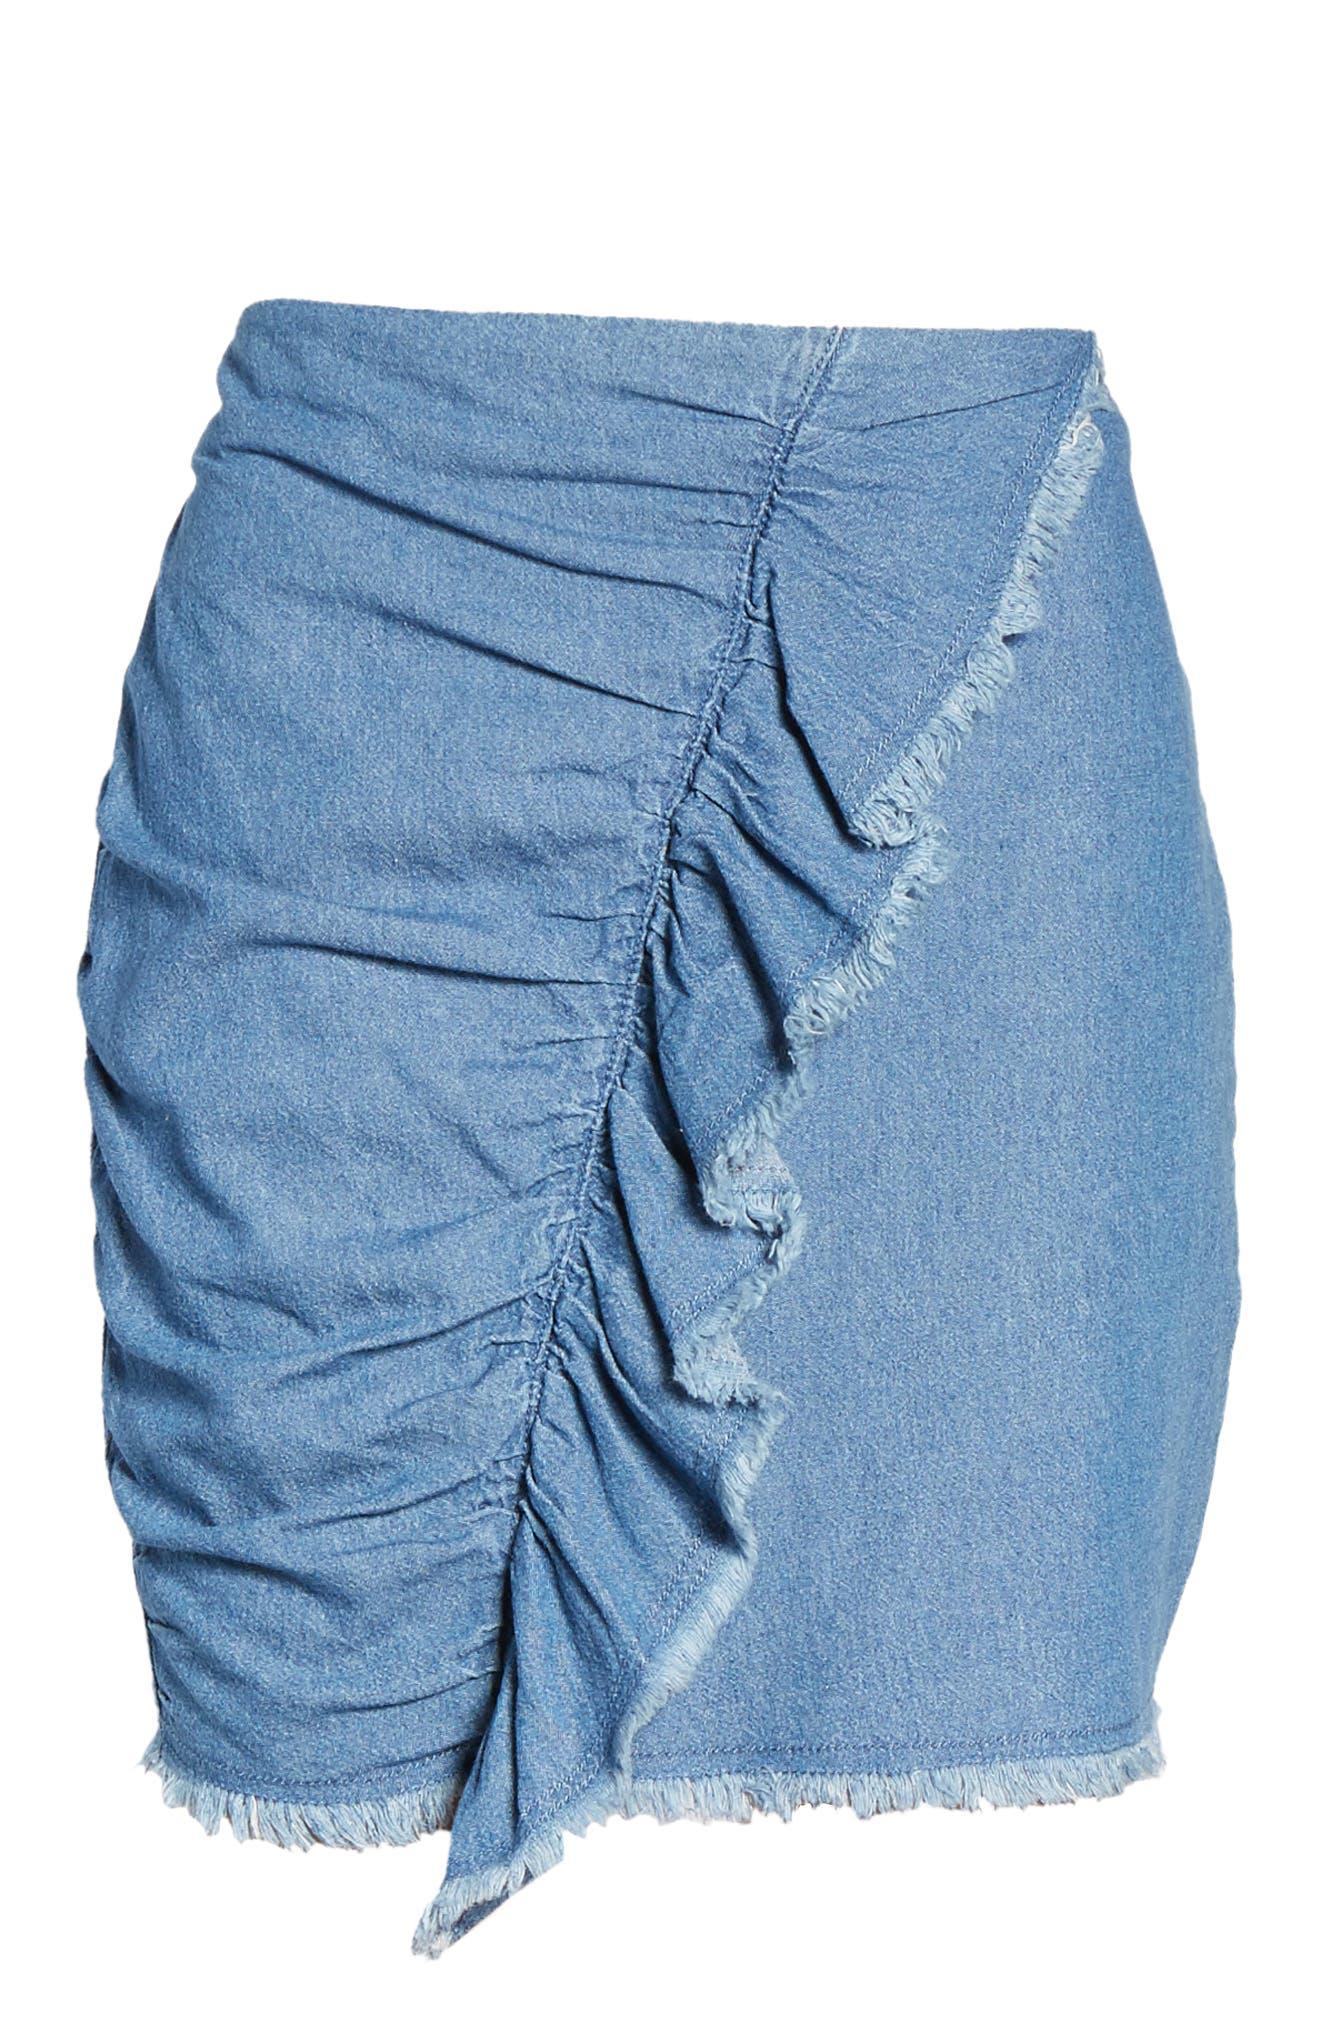 Ruffle Denim Miniskirt,                             Alternate thumbnail 6, color,                             459